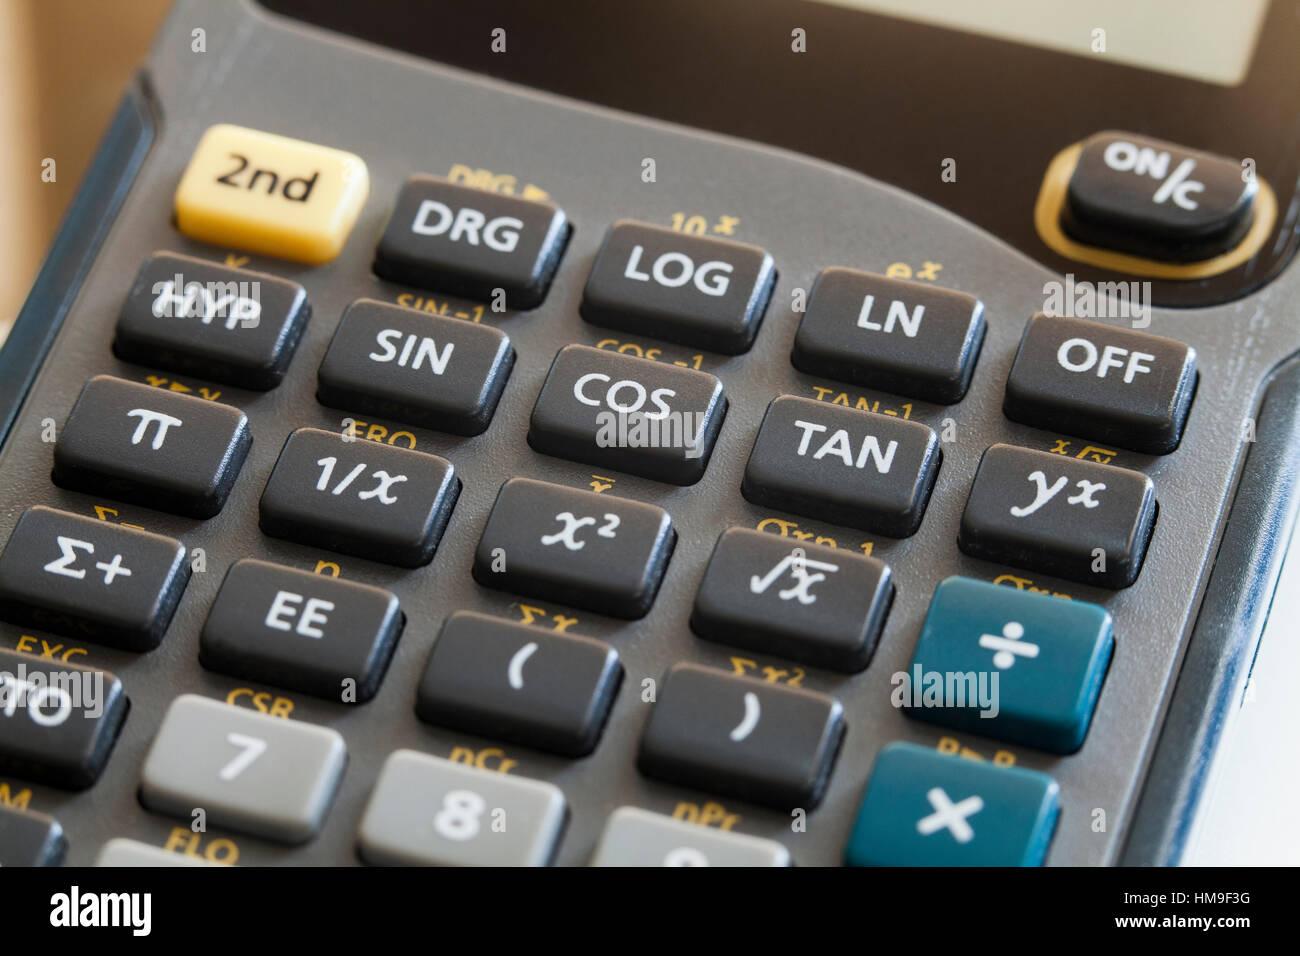 Texas Instruments Calculator Stock Photos & Texas